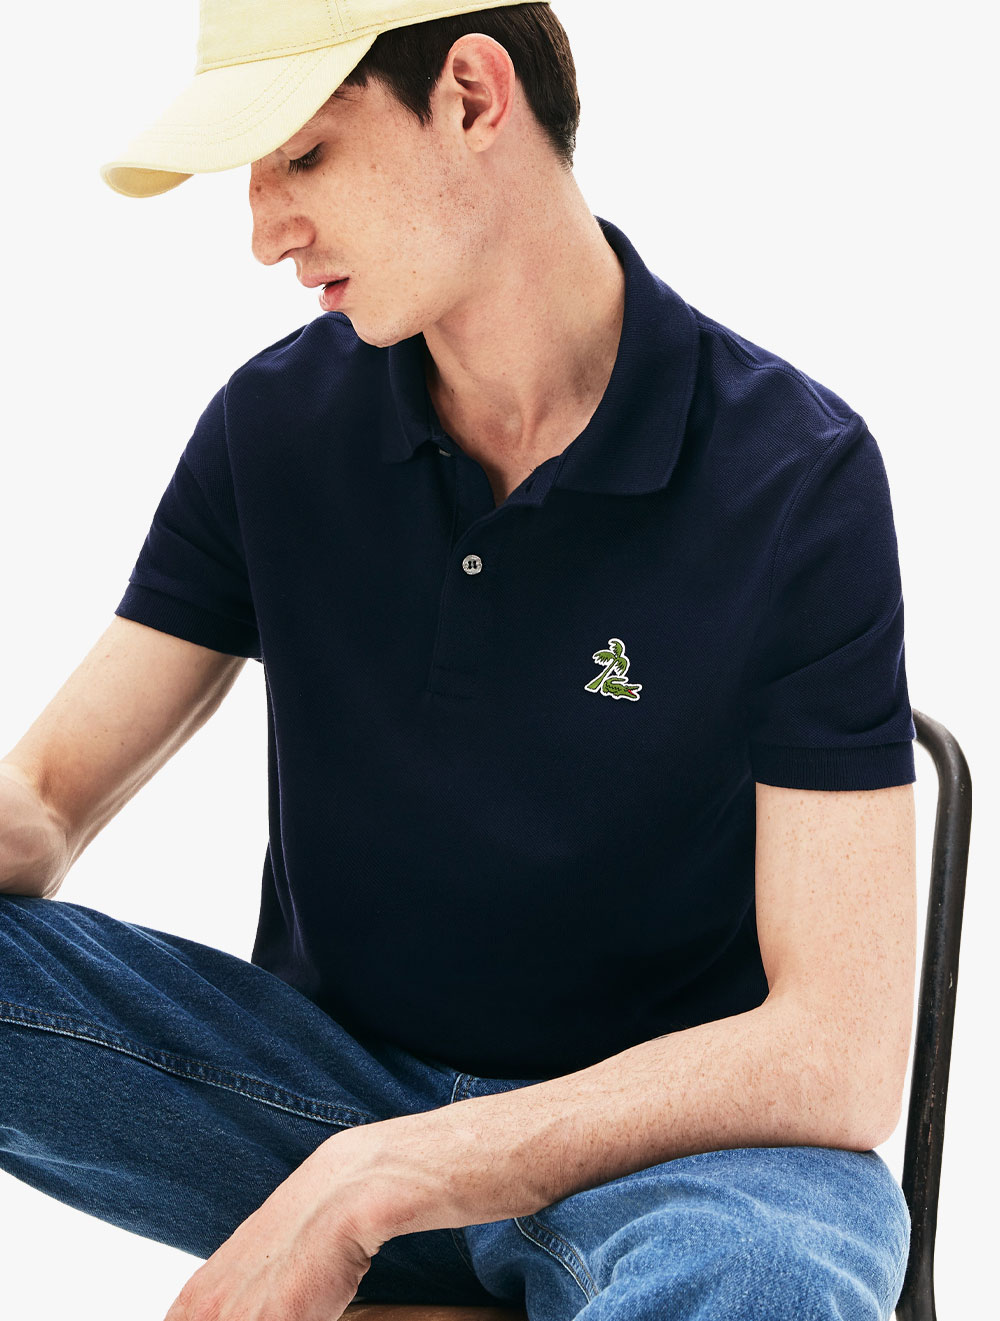 Men's Croc Lacoste Palm Polo Fit Petit Regular Cotton Piqué Tree Shirt n0wNXOk8PZ